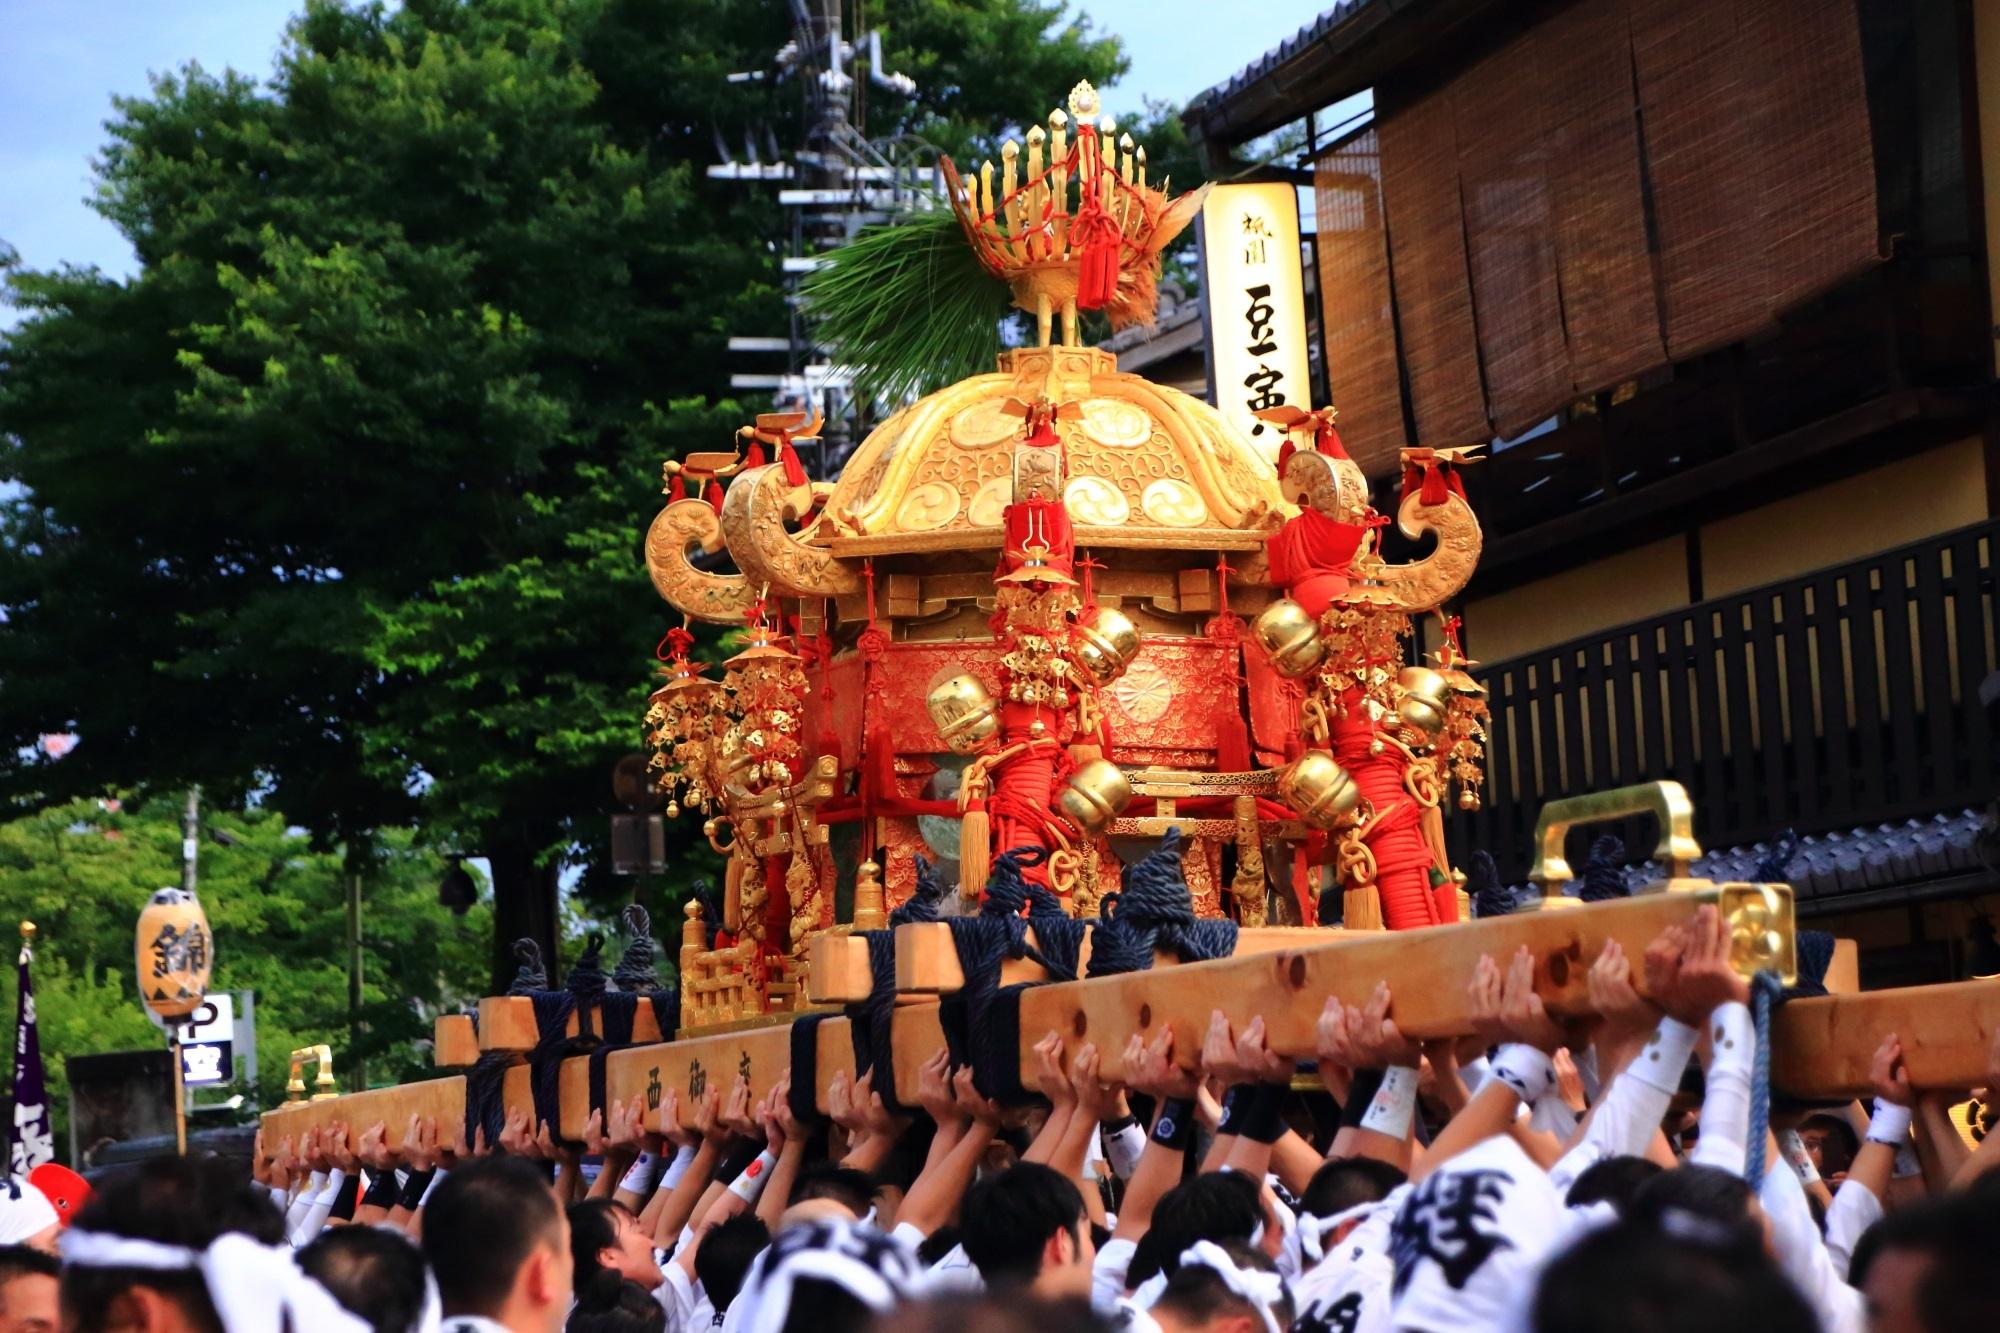 祇園祭 神幸祭と神輿渡御 京の街を巡るお神輿